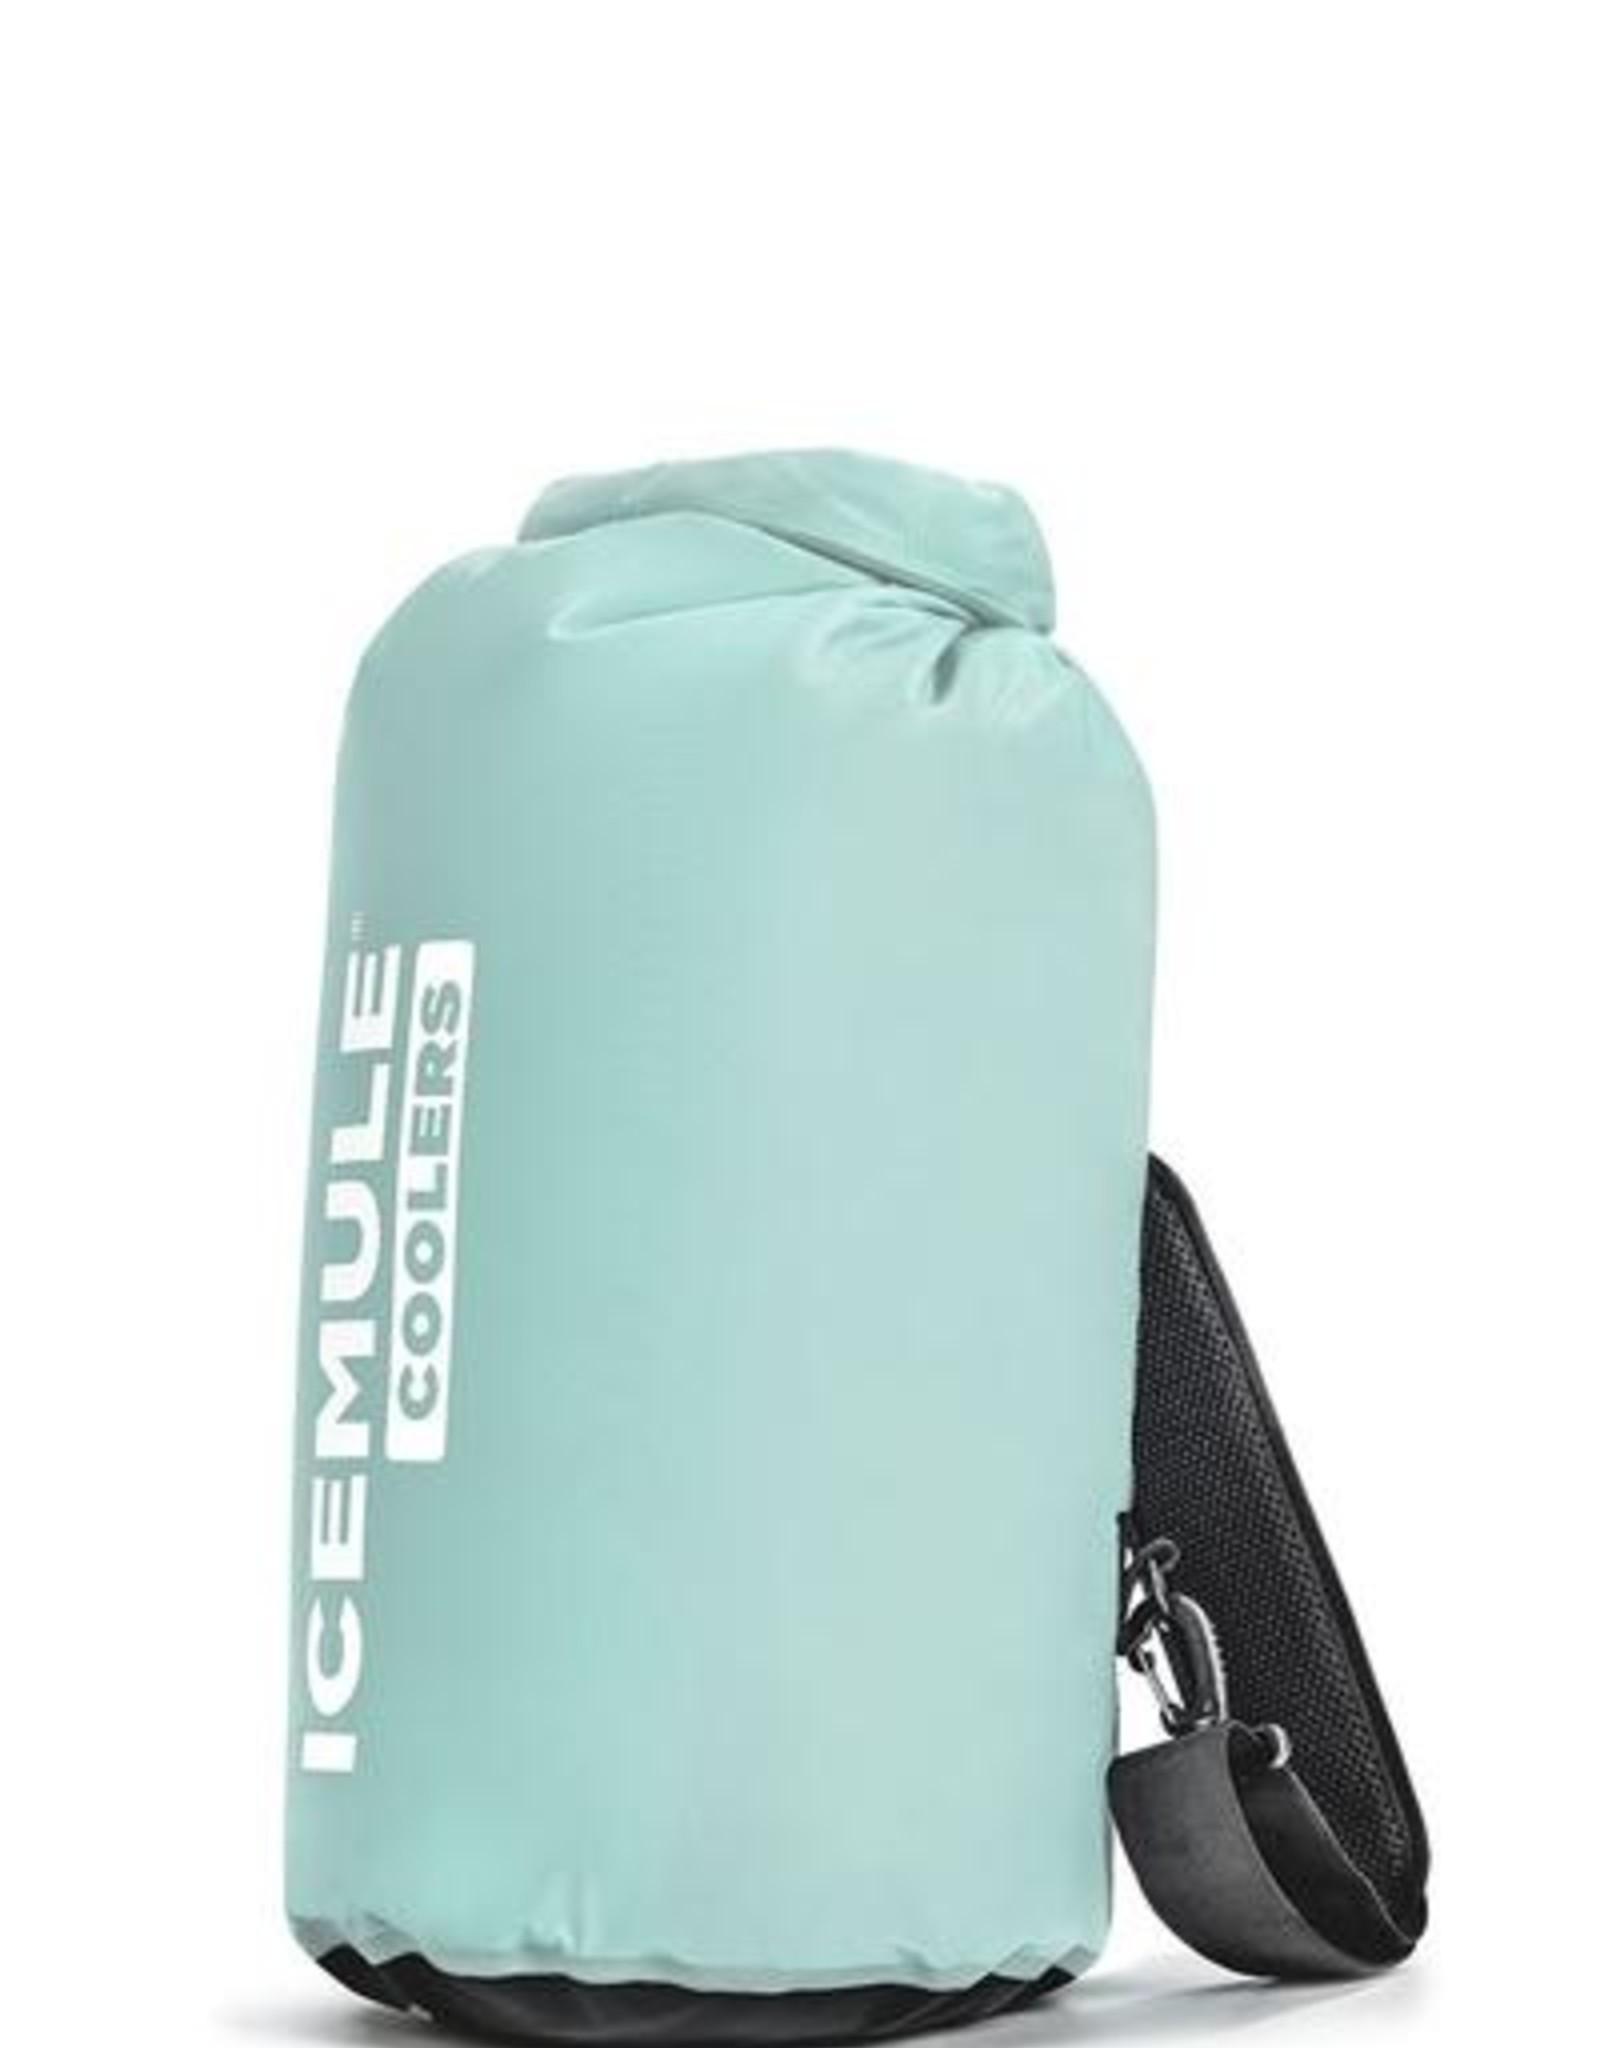 Ice Mule Classic Cooler - Seafoam - Medium